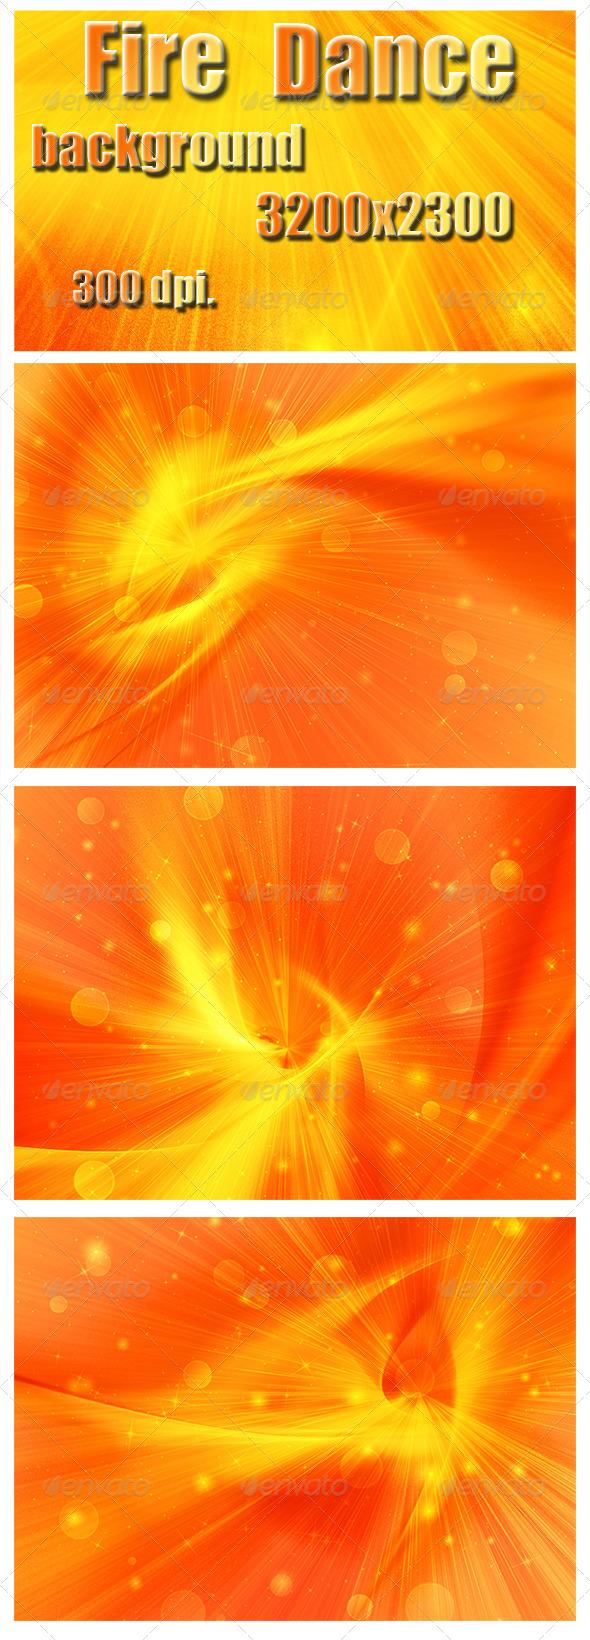 GraphicRiver Fire Dance 6057684